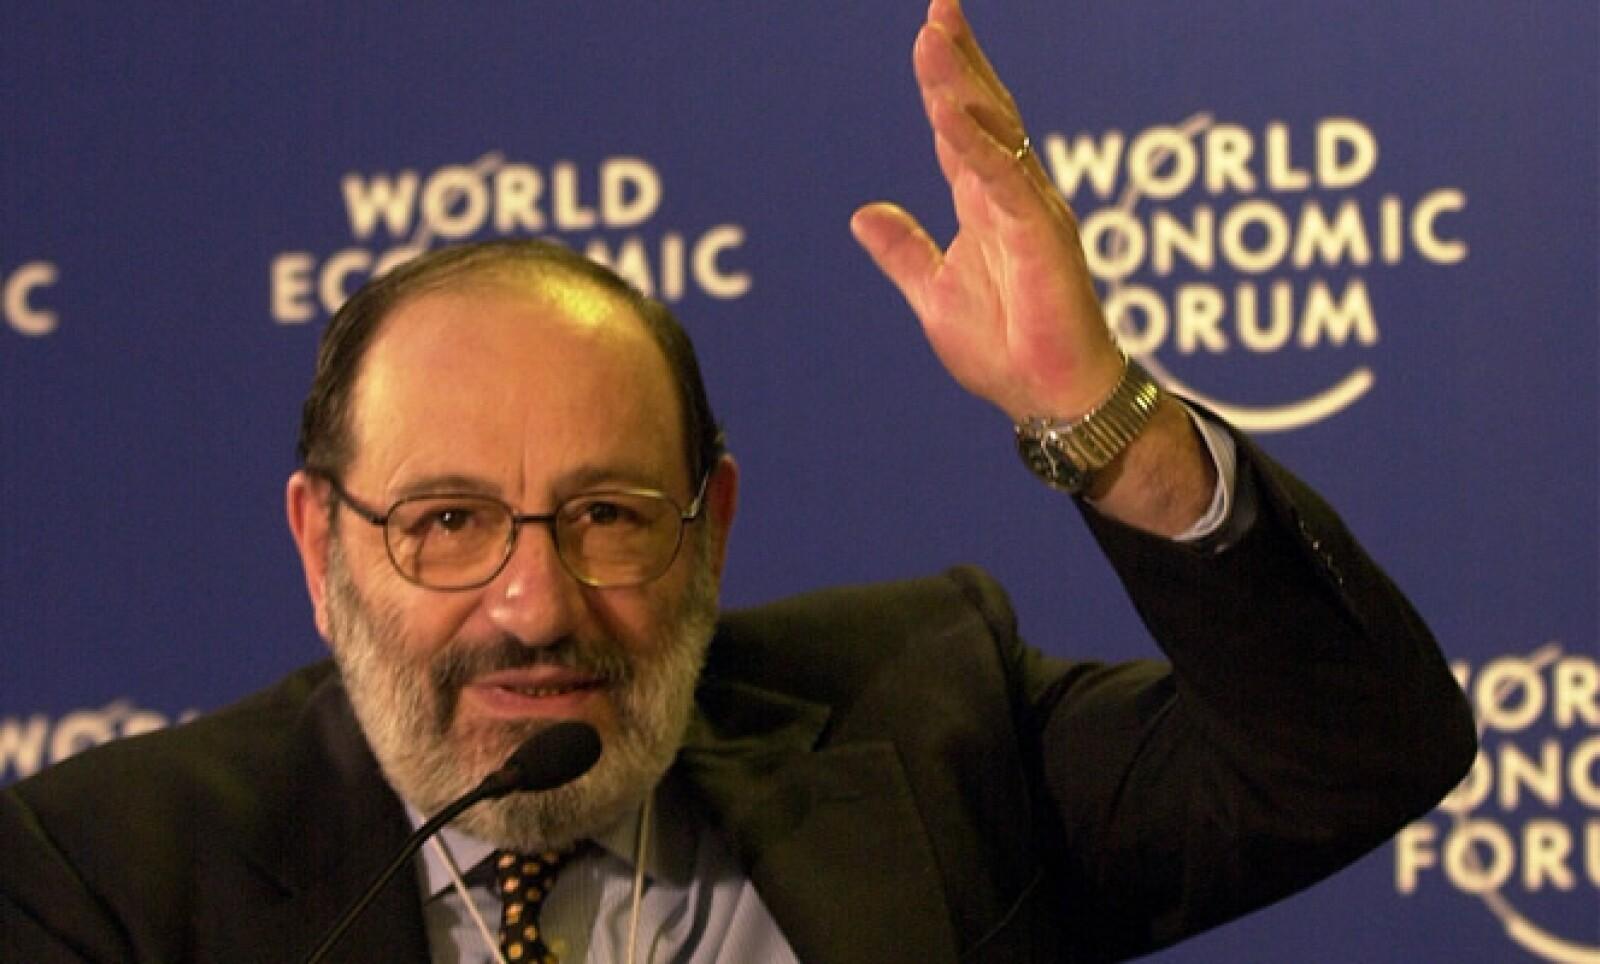 El escritor y filósofo en una conferencia de prensa en enero del año 2,000.